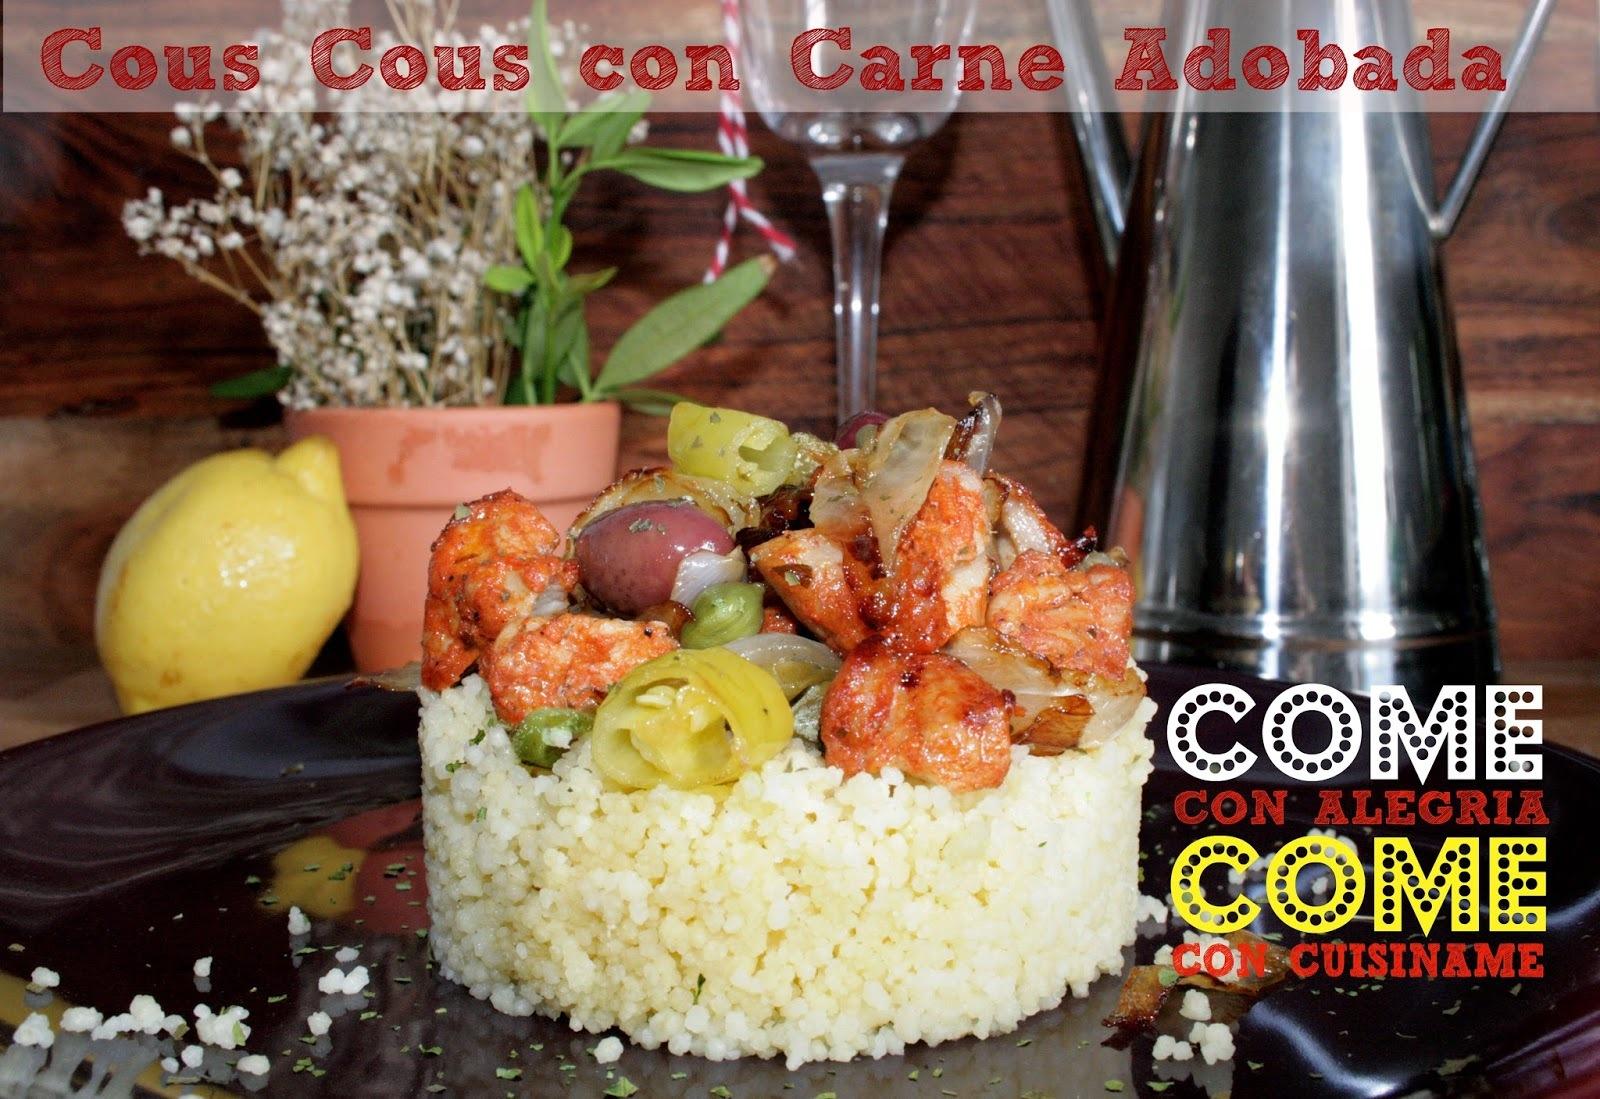 Cous Cous con Carne | Recetas Originales